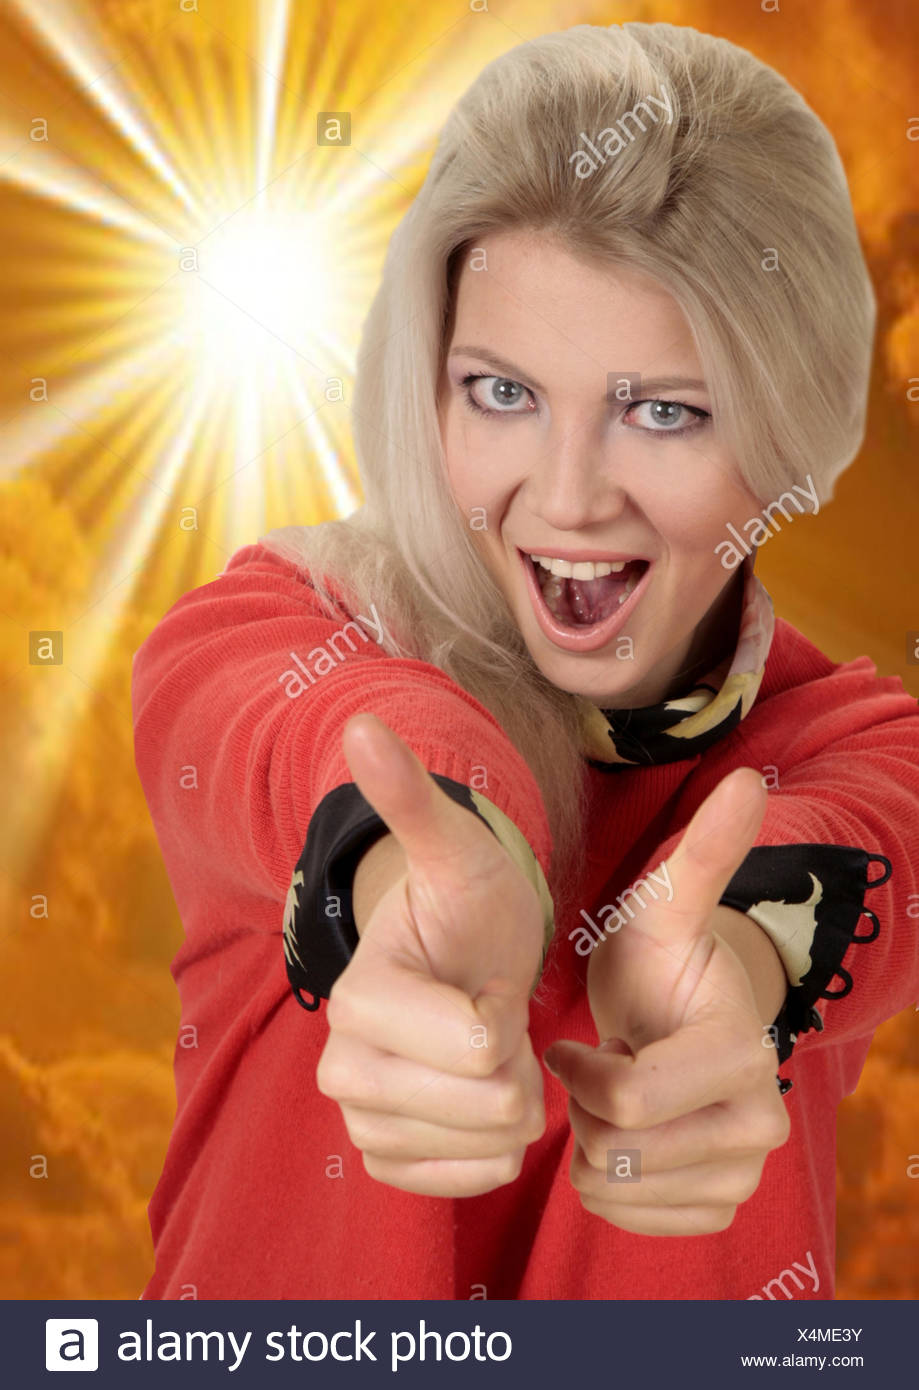 woman says O.K. - Stock Image